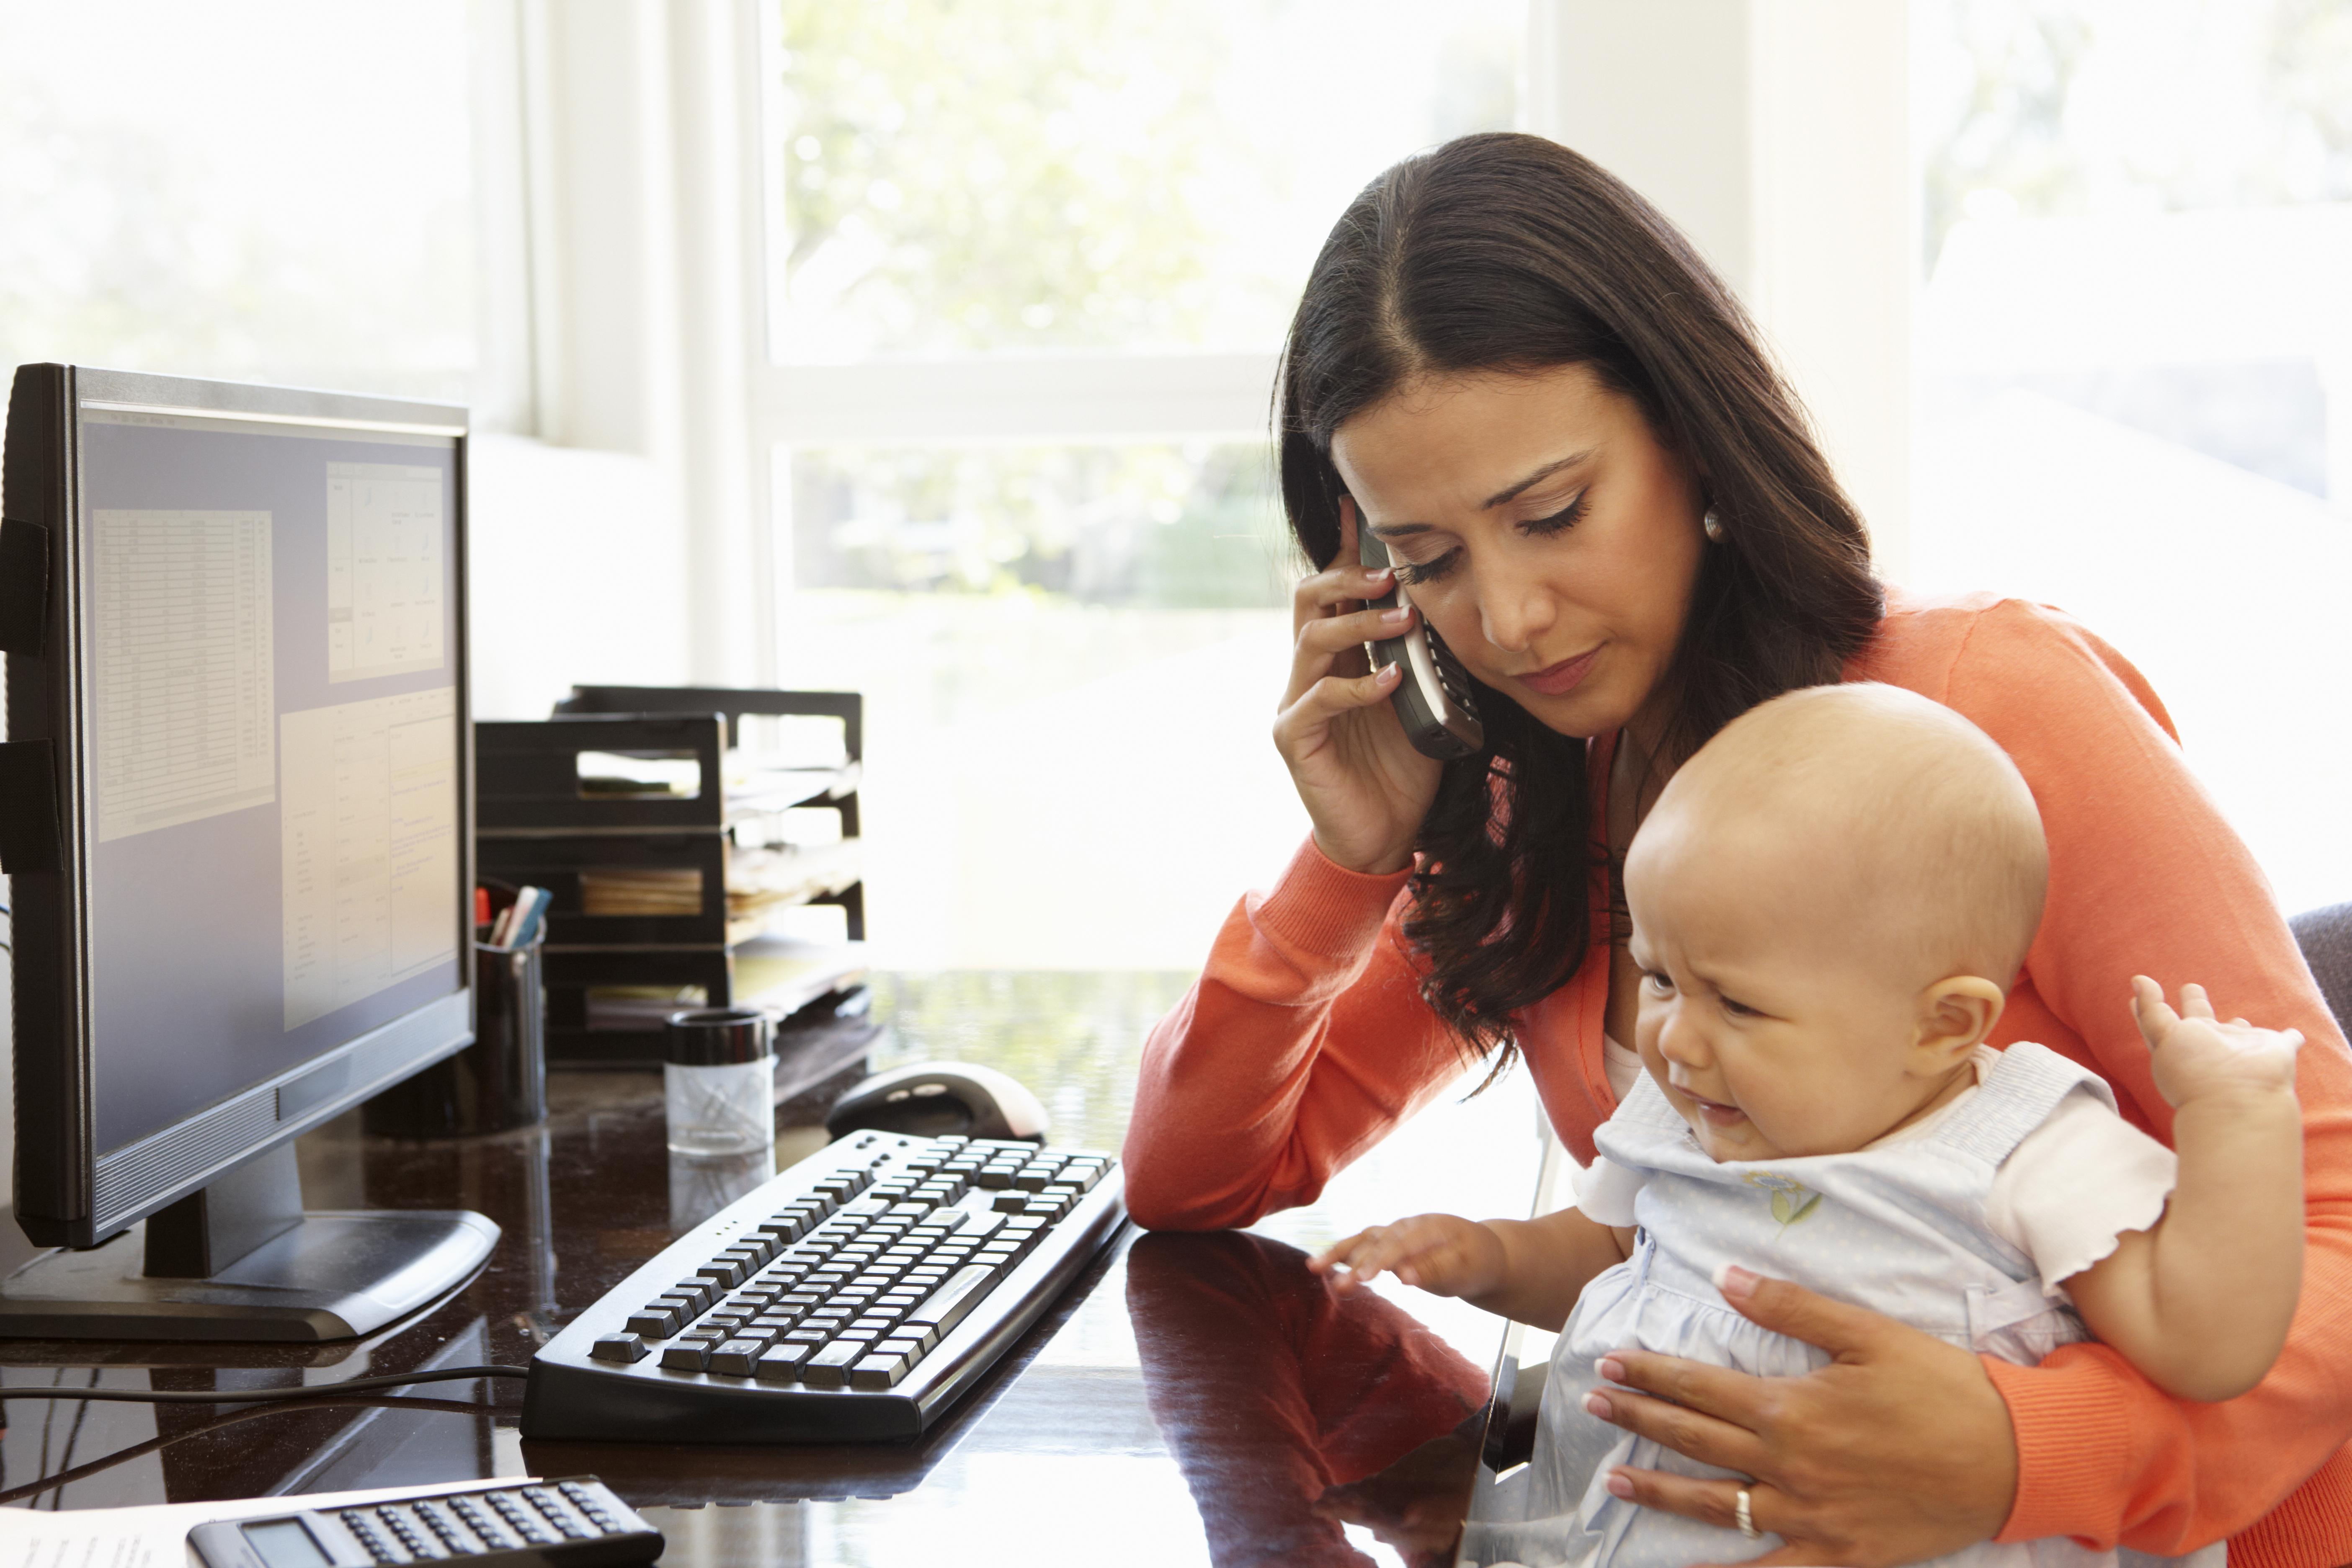 女性 電話 赤ちゃん